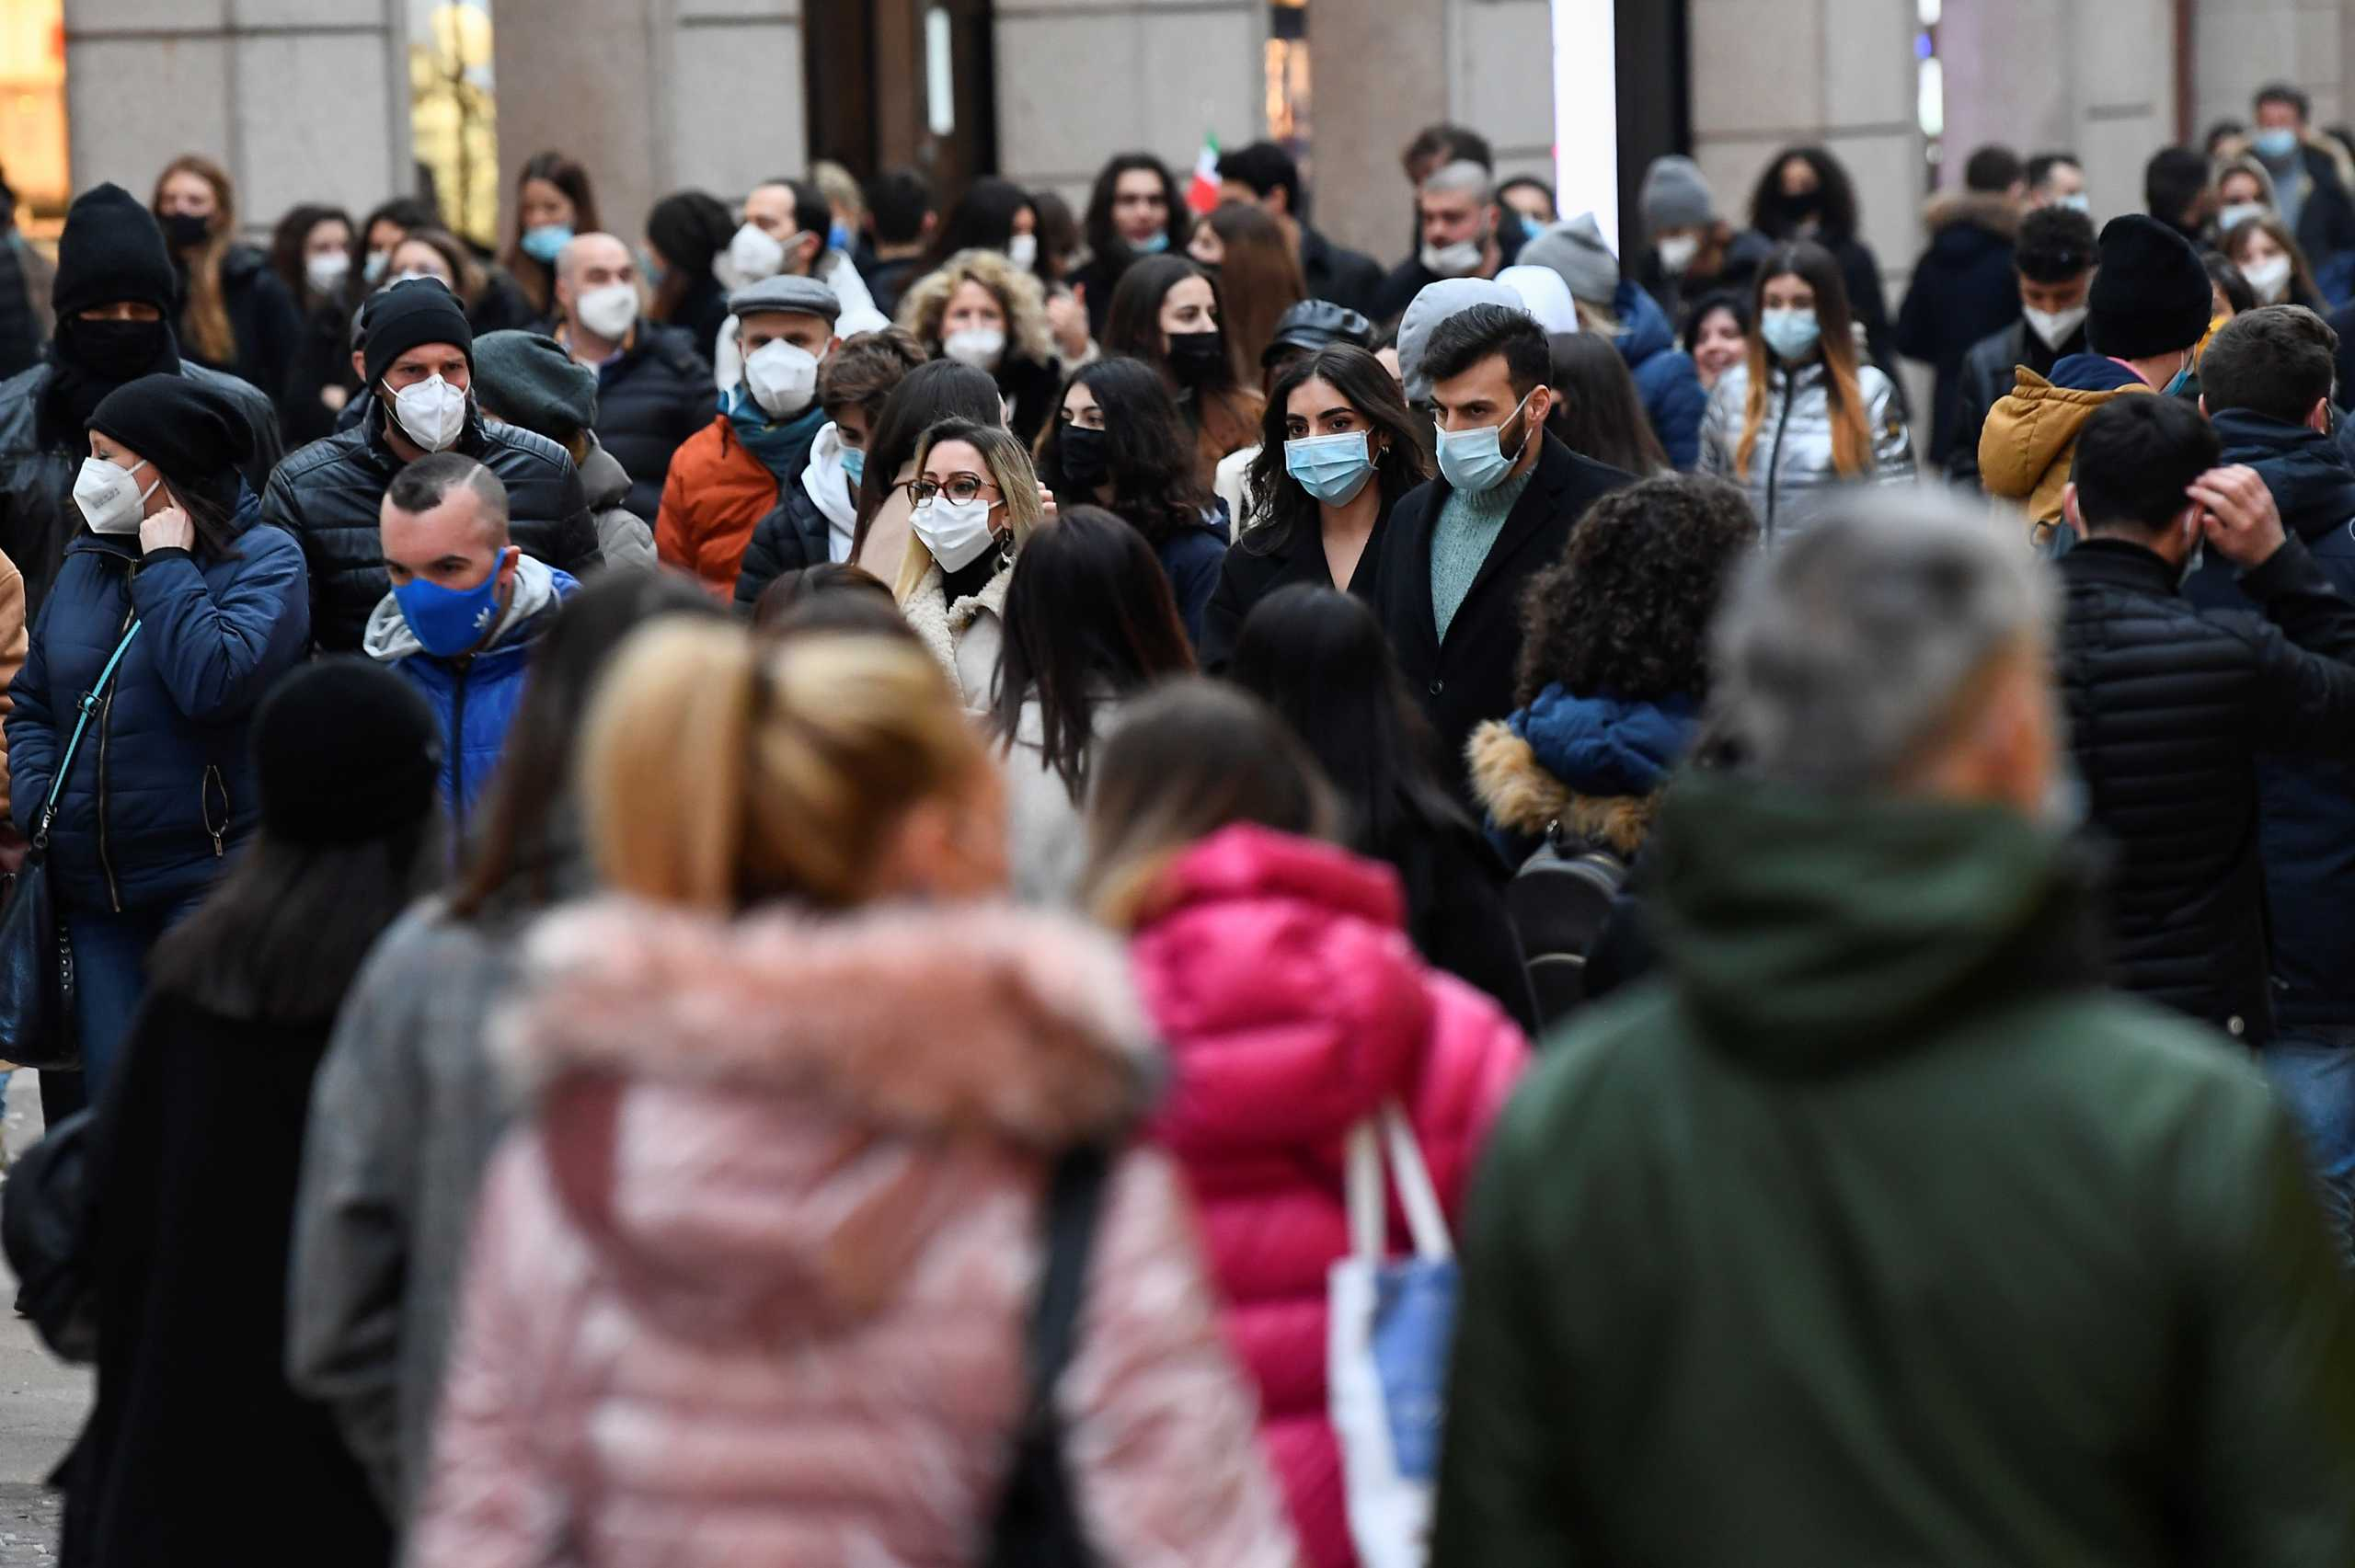 Ιταλία: 347 νεκροί και πάνω από 13.700 νέα κρούσματα